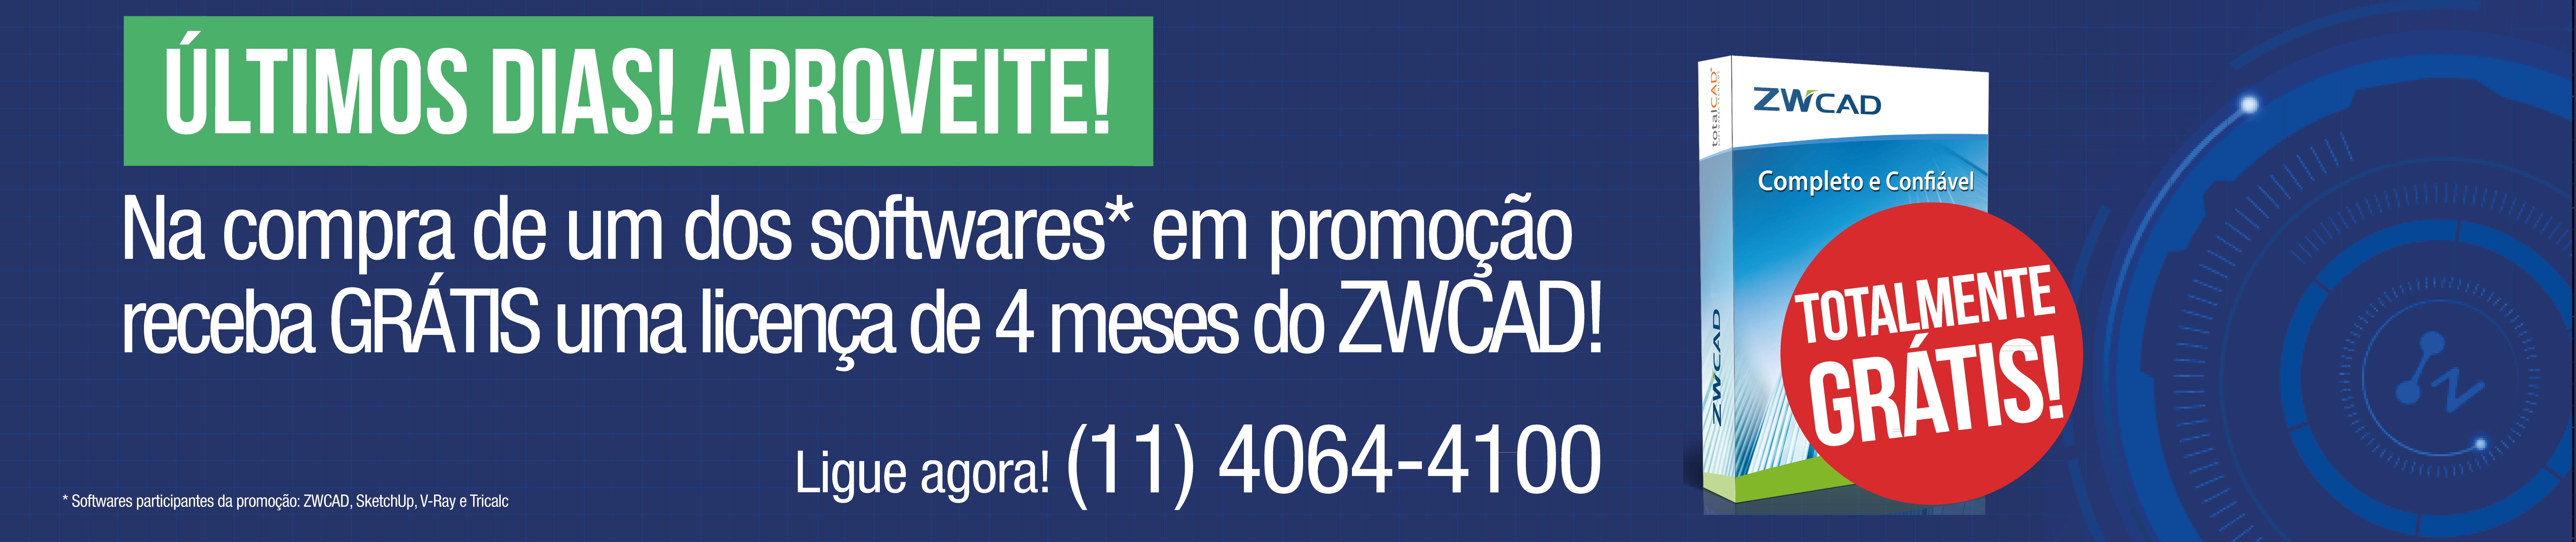 promocaozwcad-01-1